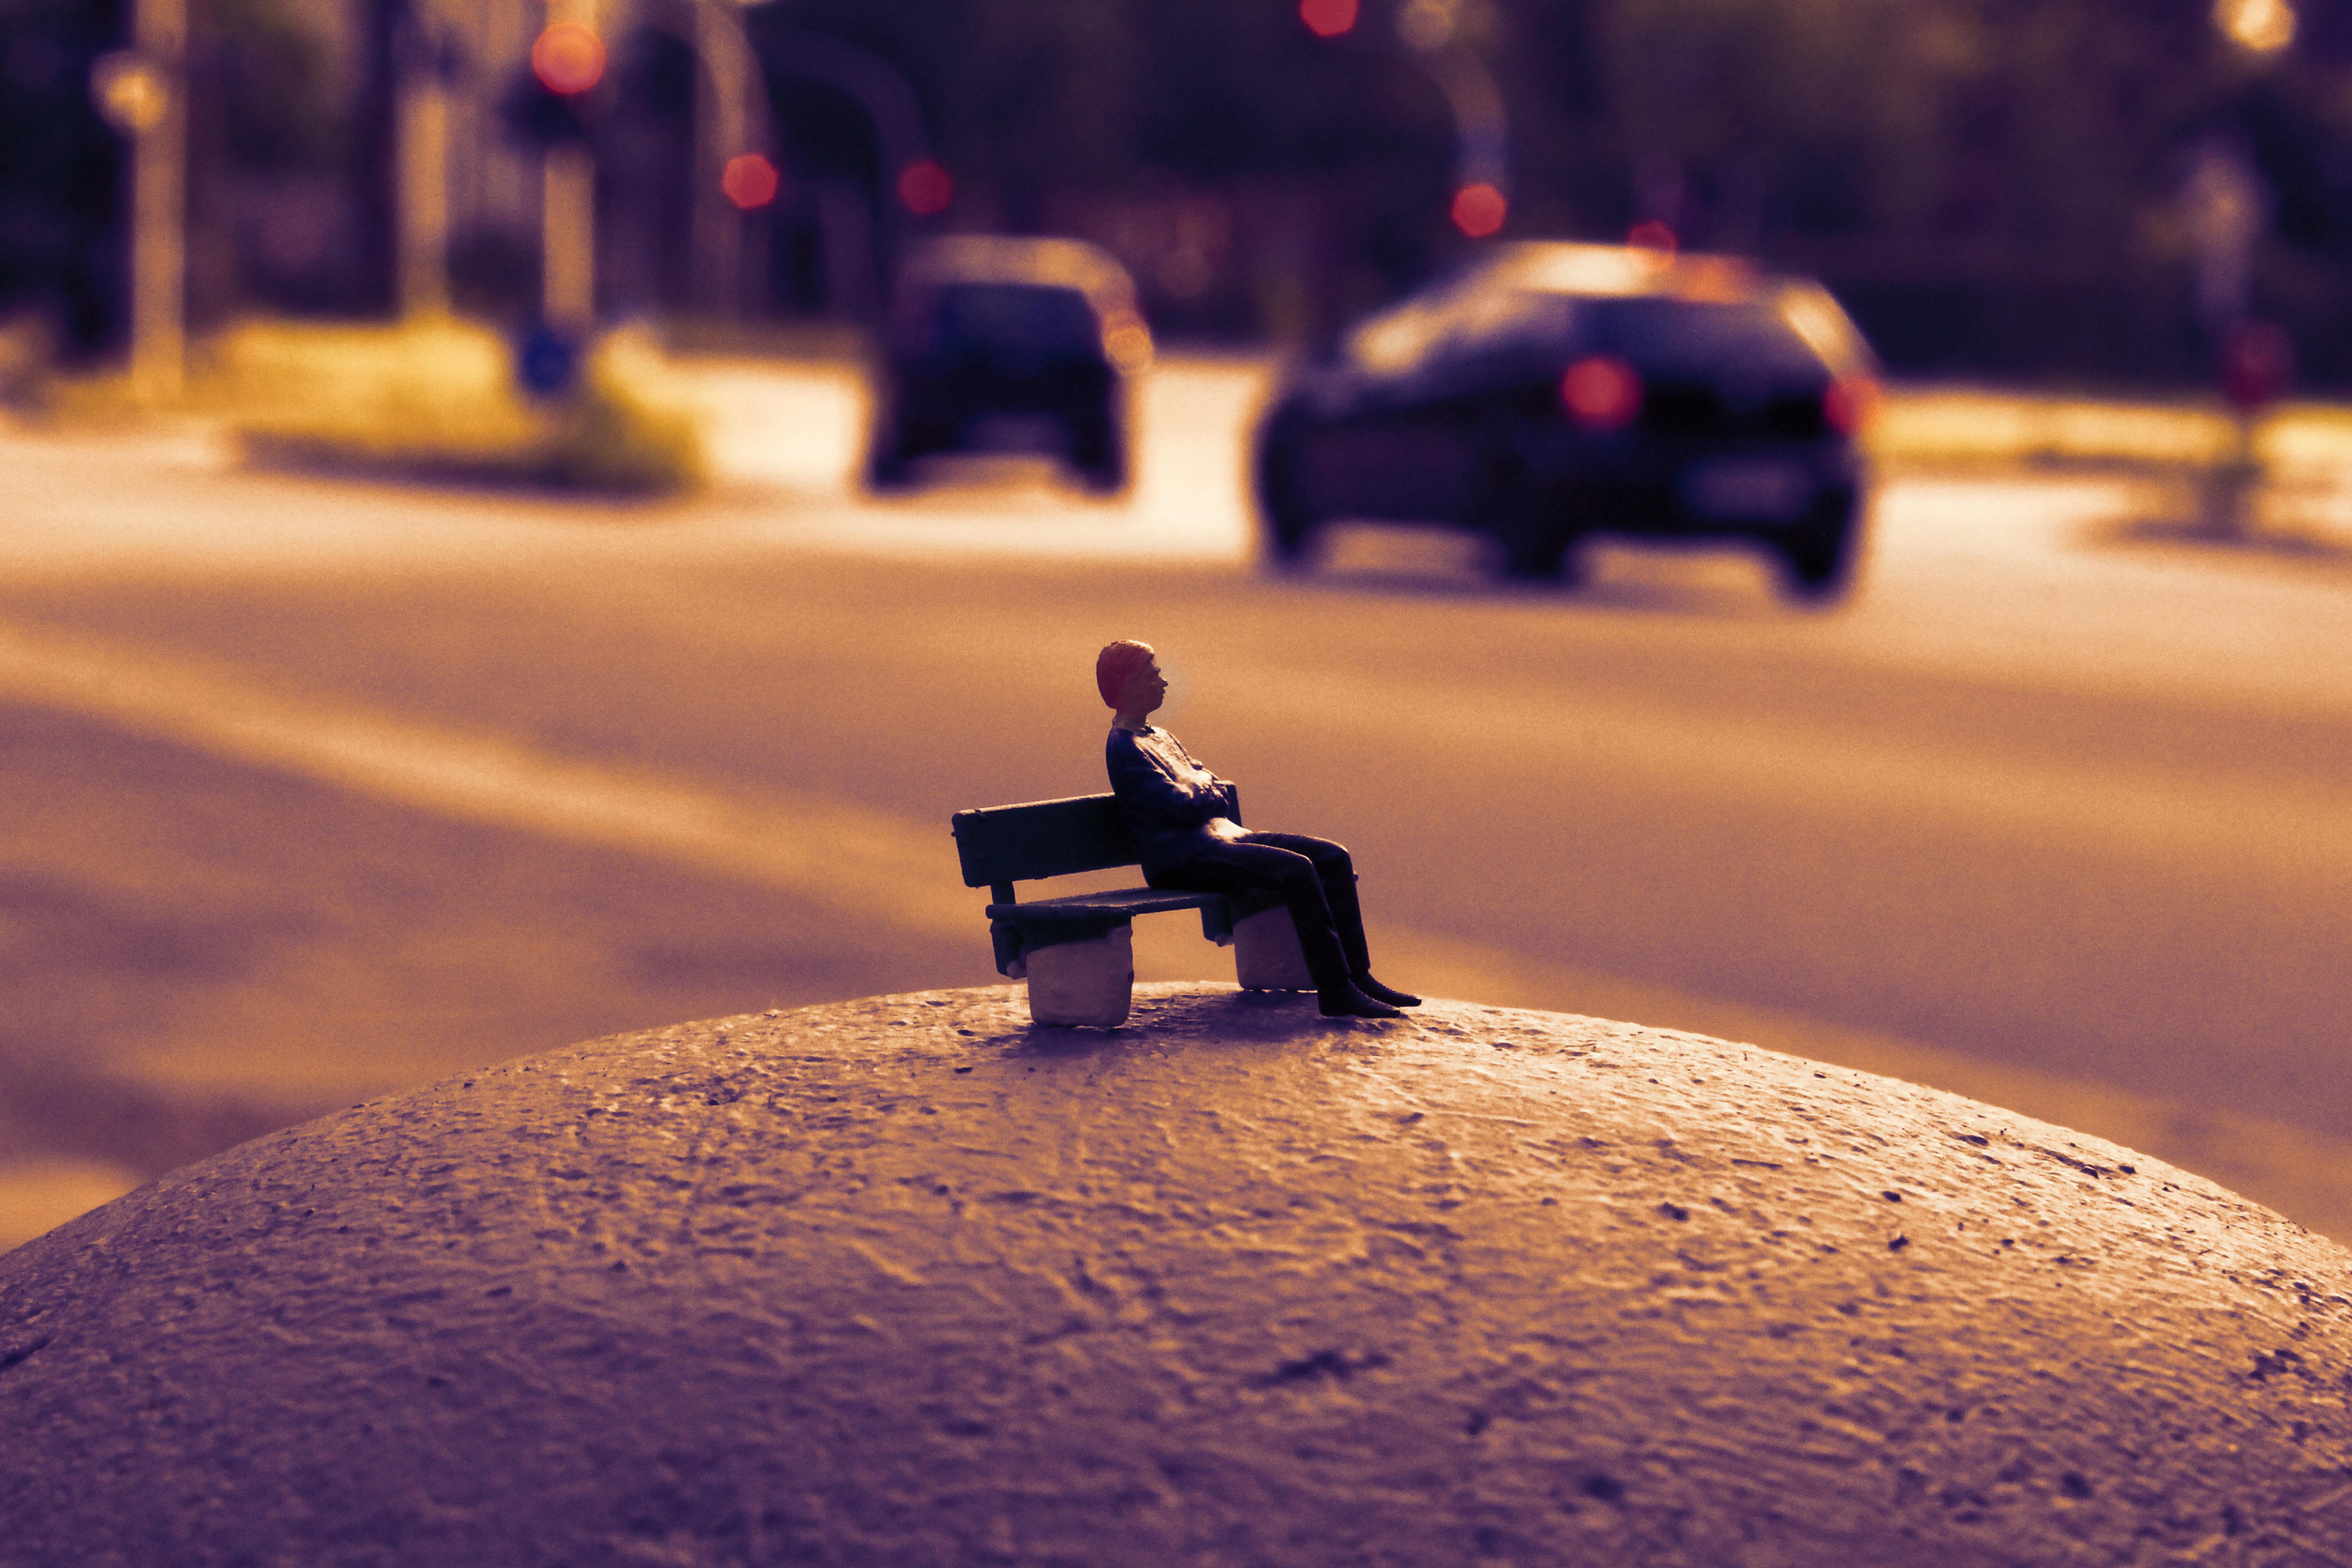 Warten auf den Bus